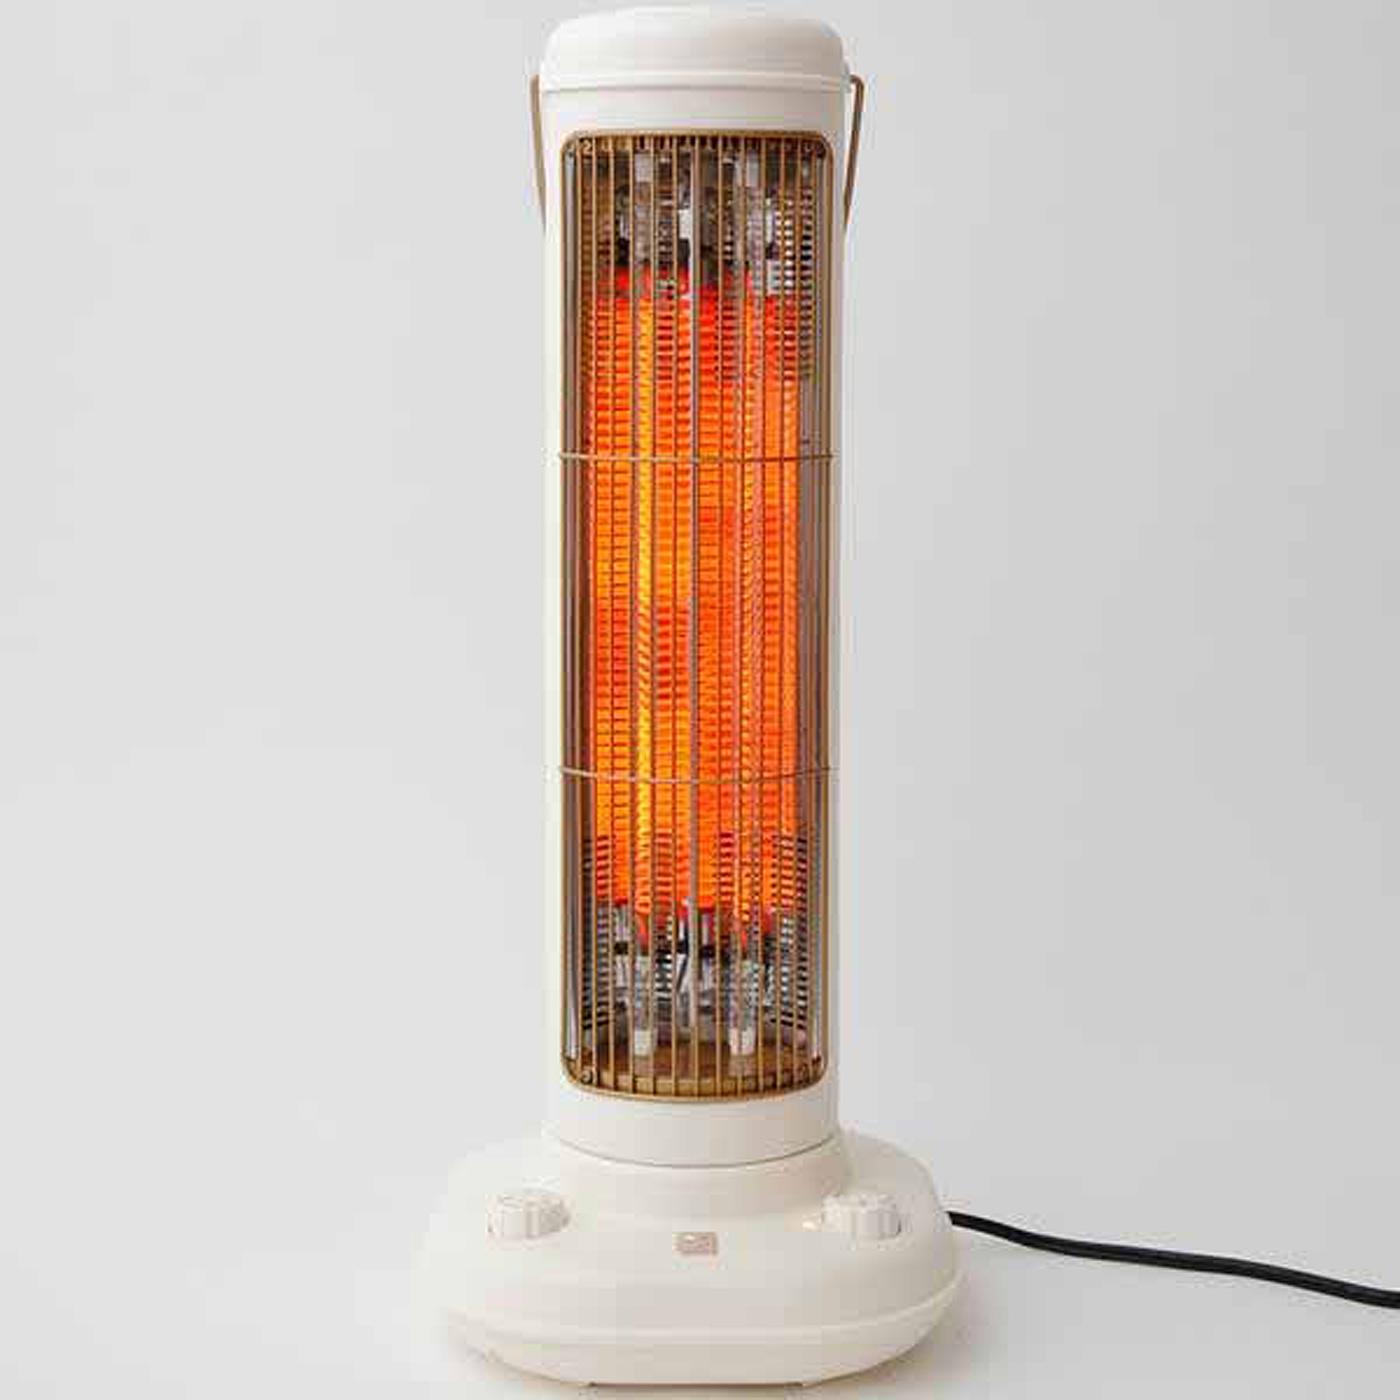 速暖10秒! スイッチオンした瞬間、ファンが起動。温風で広範囲に熱を送ります。